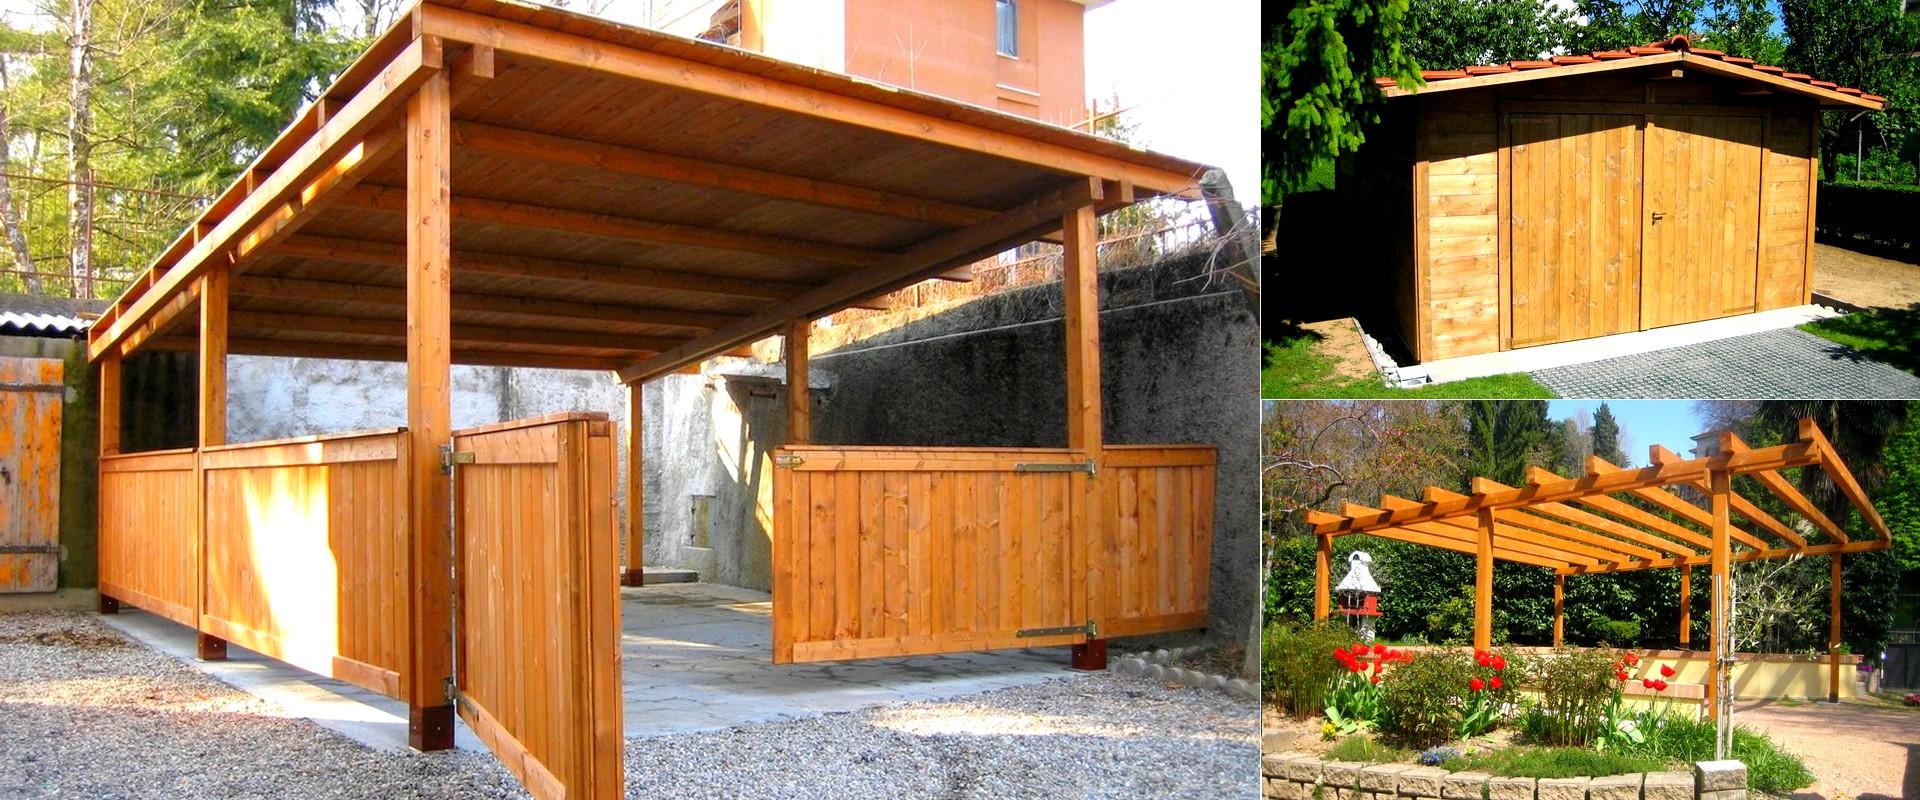 Isole per cucina - Tettoie in legno per esterno ...